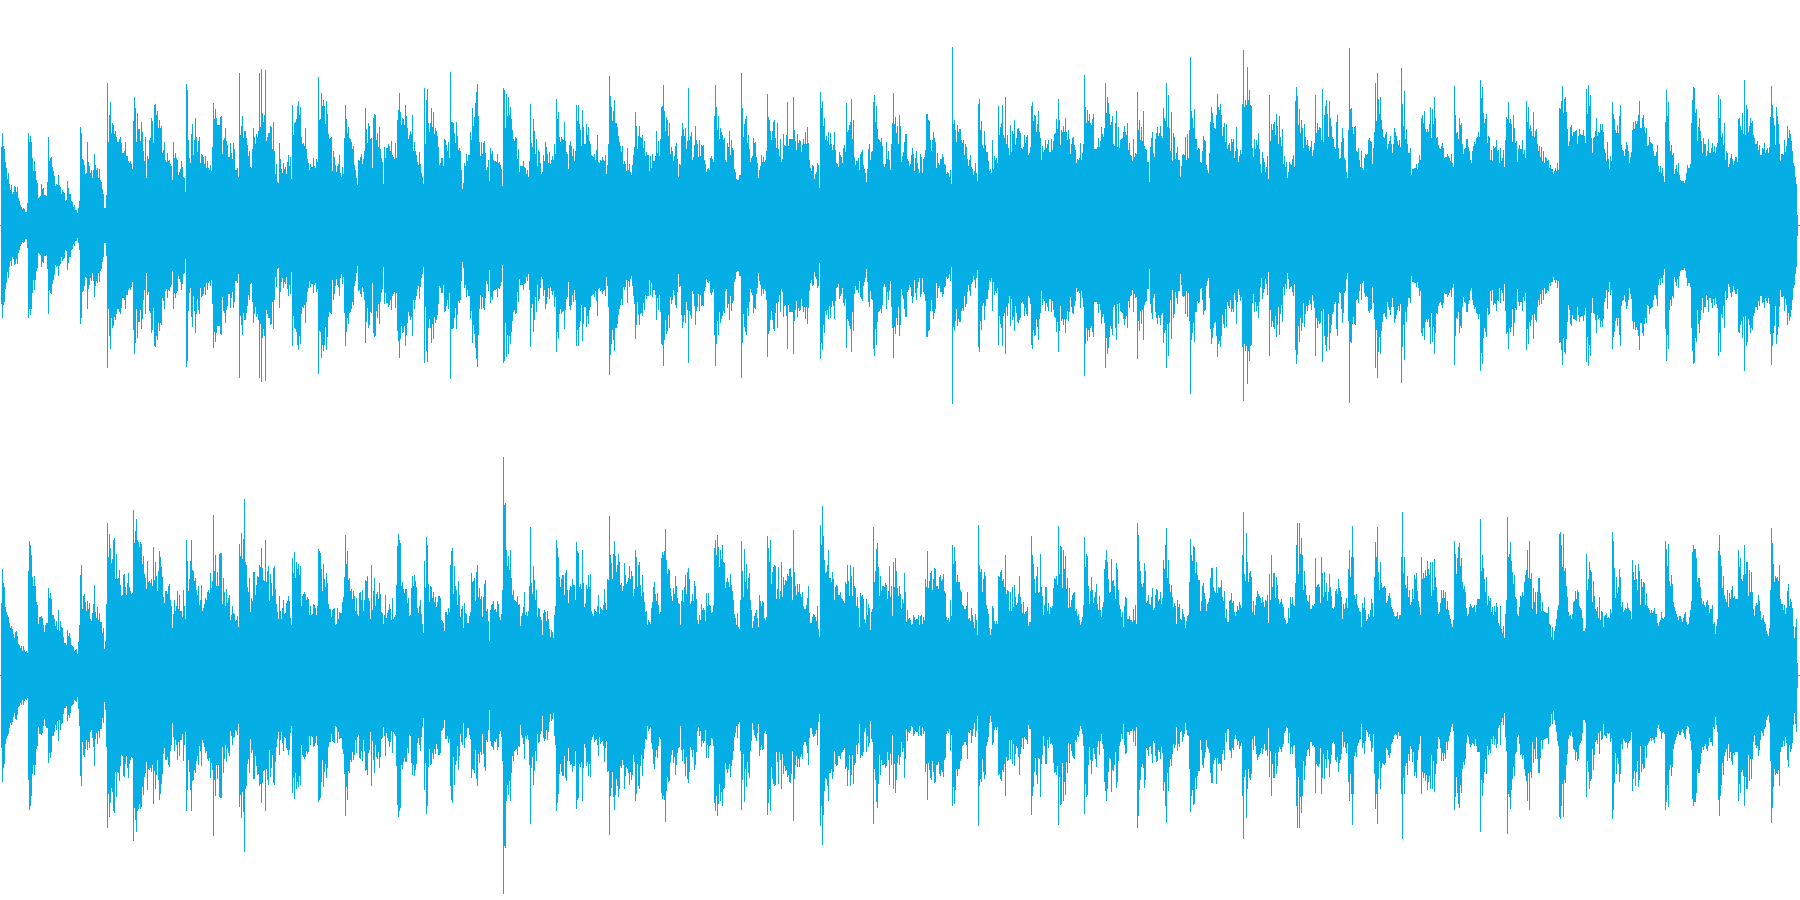 【28秒ループ】ウクレレ+エレクトロ曲の再生済みの波形